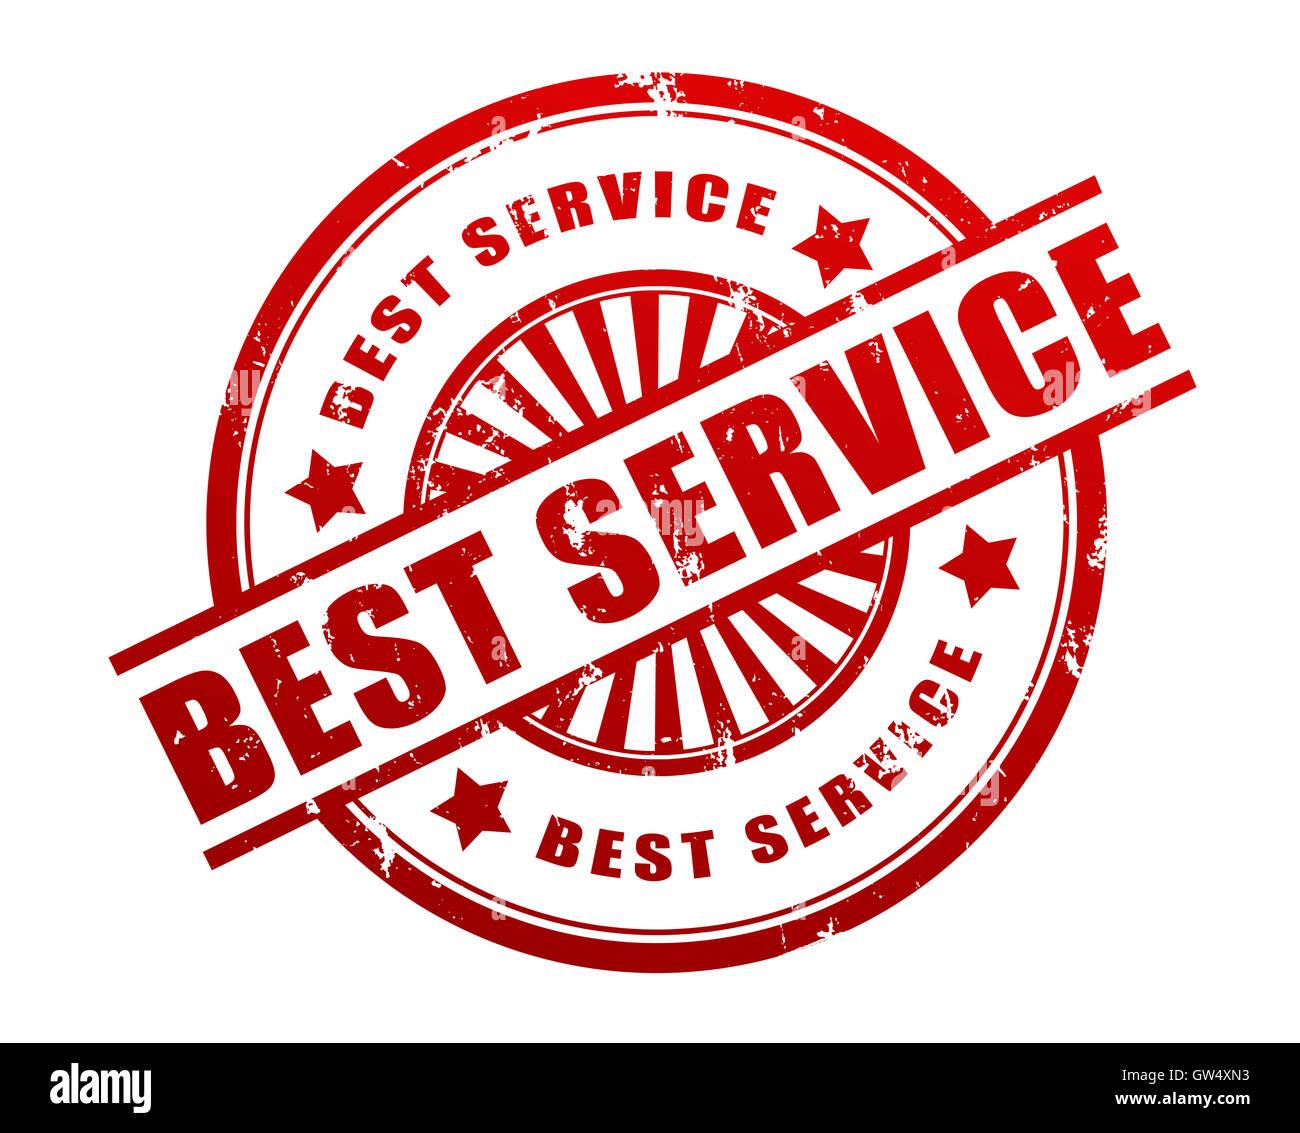 best service stamp concept  3d illustration - Stock Image